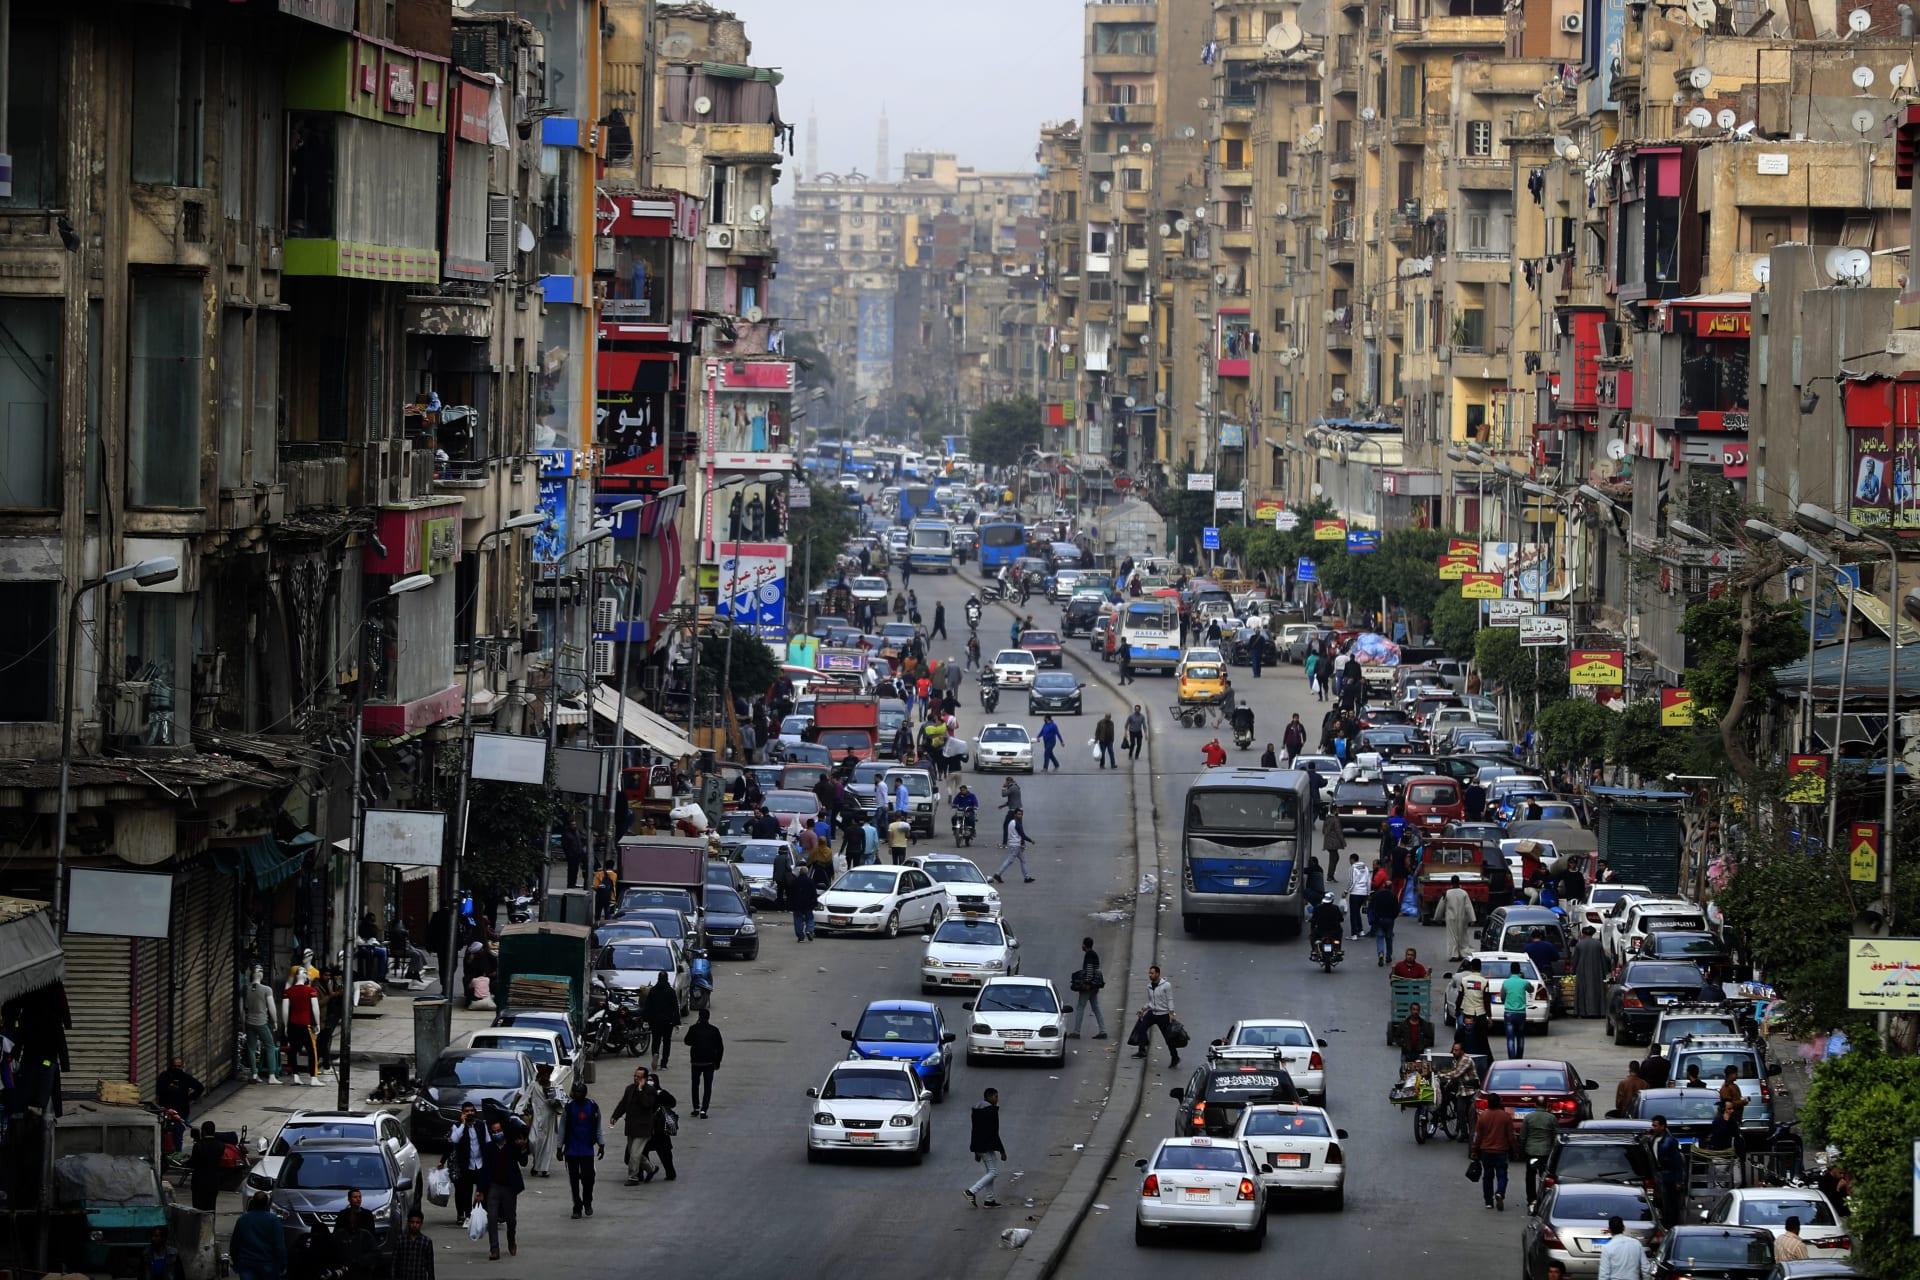 يشتمل زبائنهم على الكلاب والزواحف.. ثنائي بمصر يطلقان خدمة تاكسي للحيوانات الأليفة